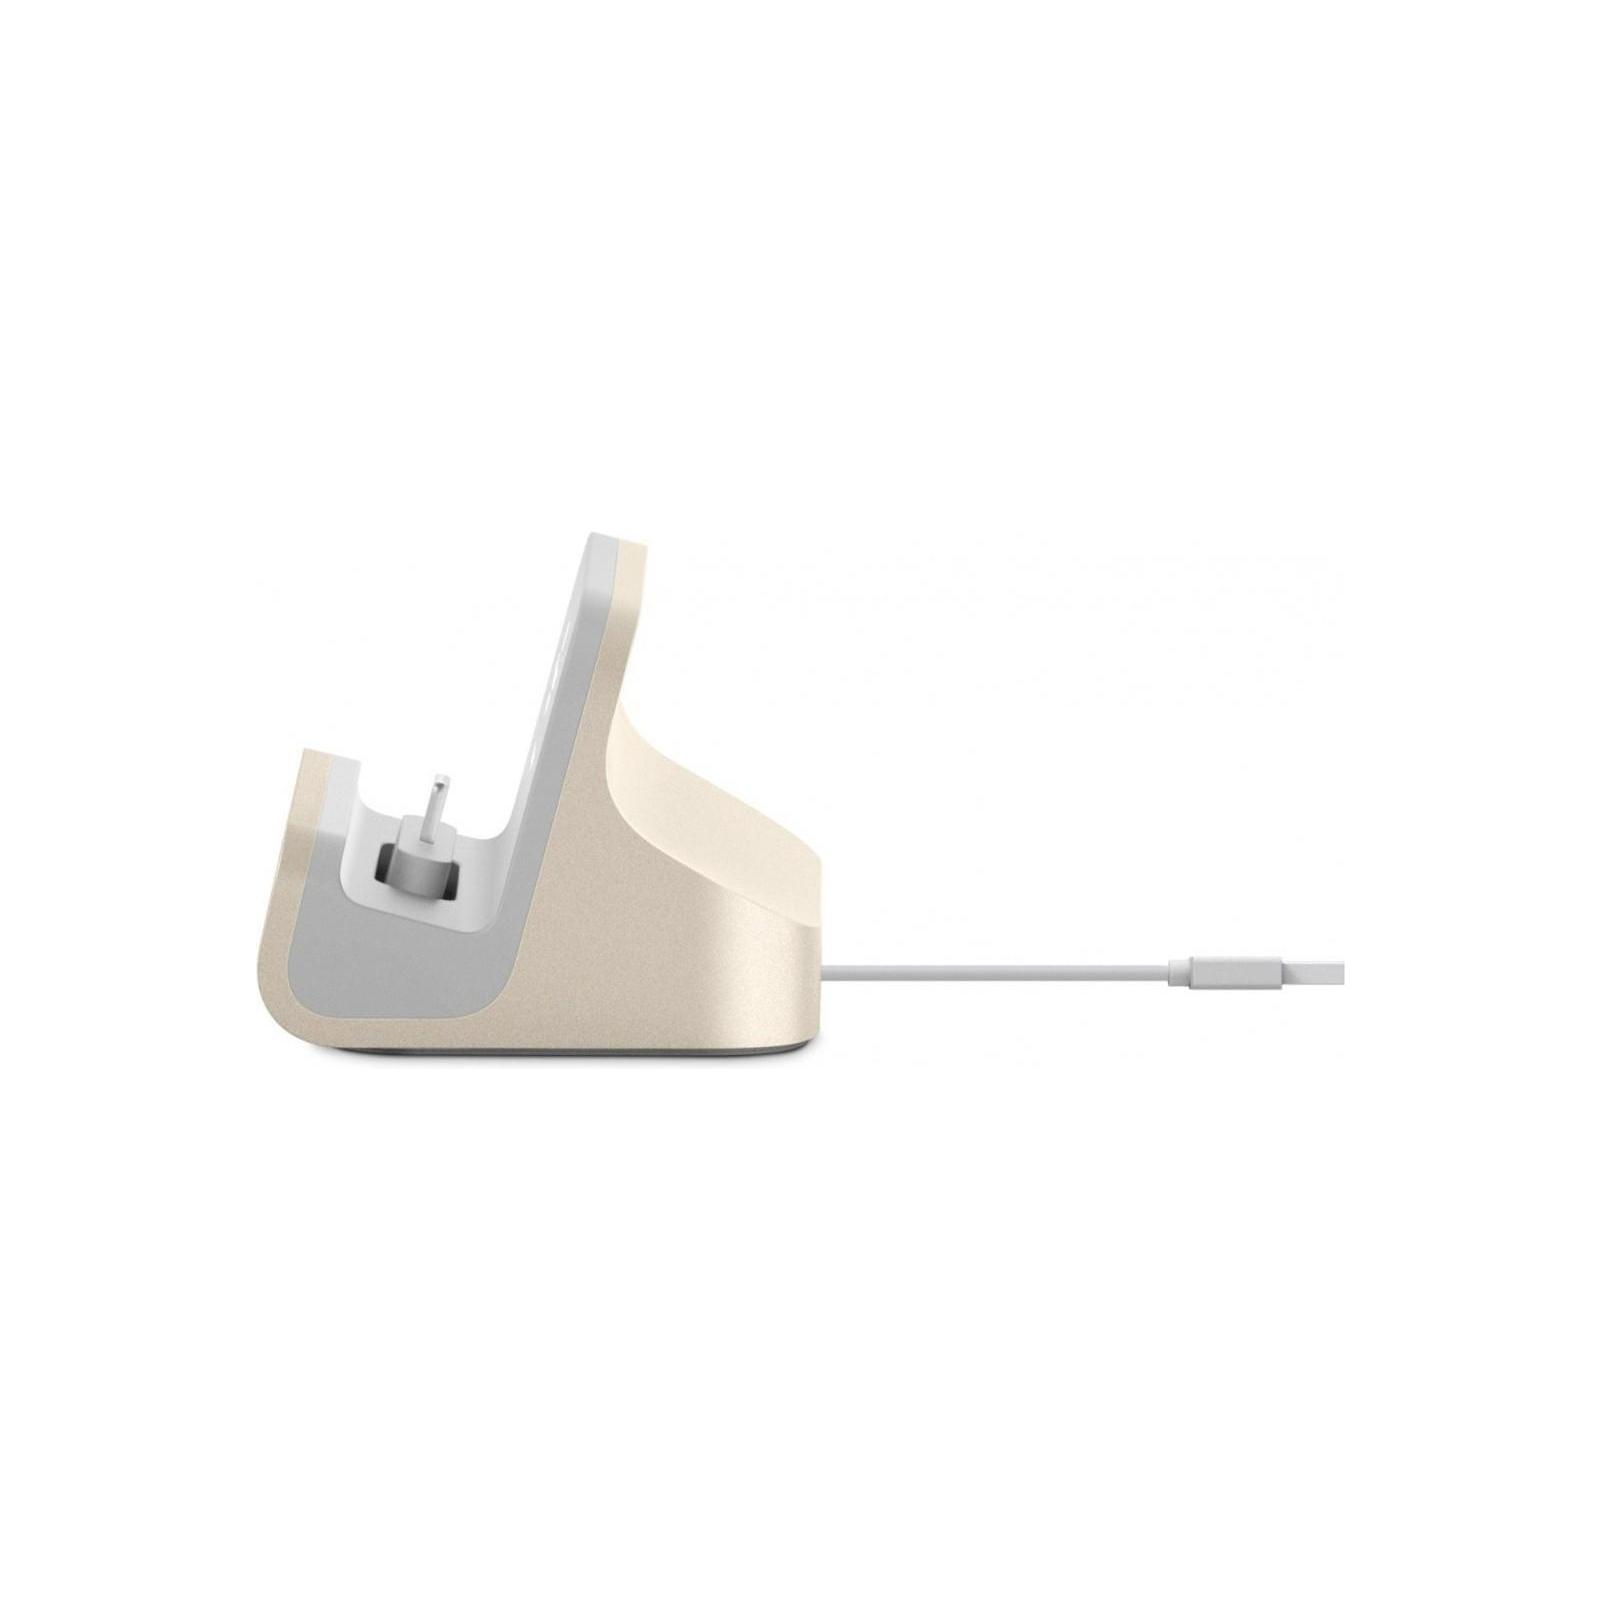 Док-станция Belkin Charge+Sync MIXIT iPhone 6s/SE Dock, Gold (F8J045btGLD) изображение 2